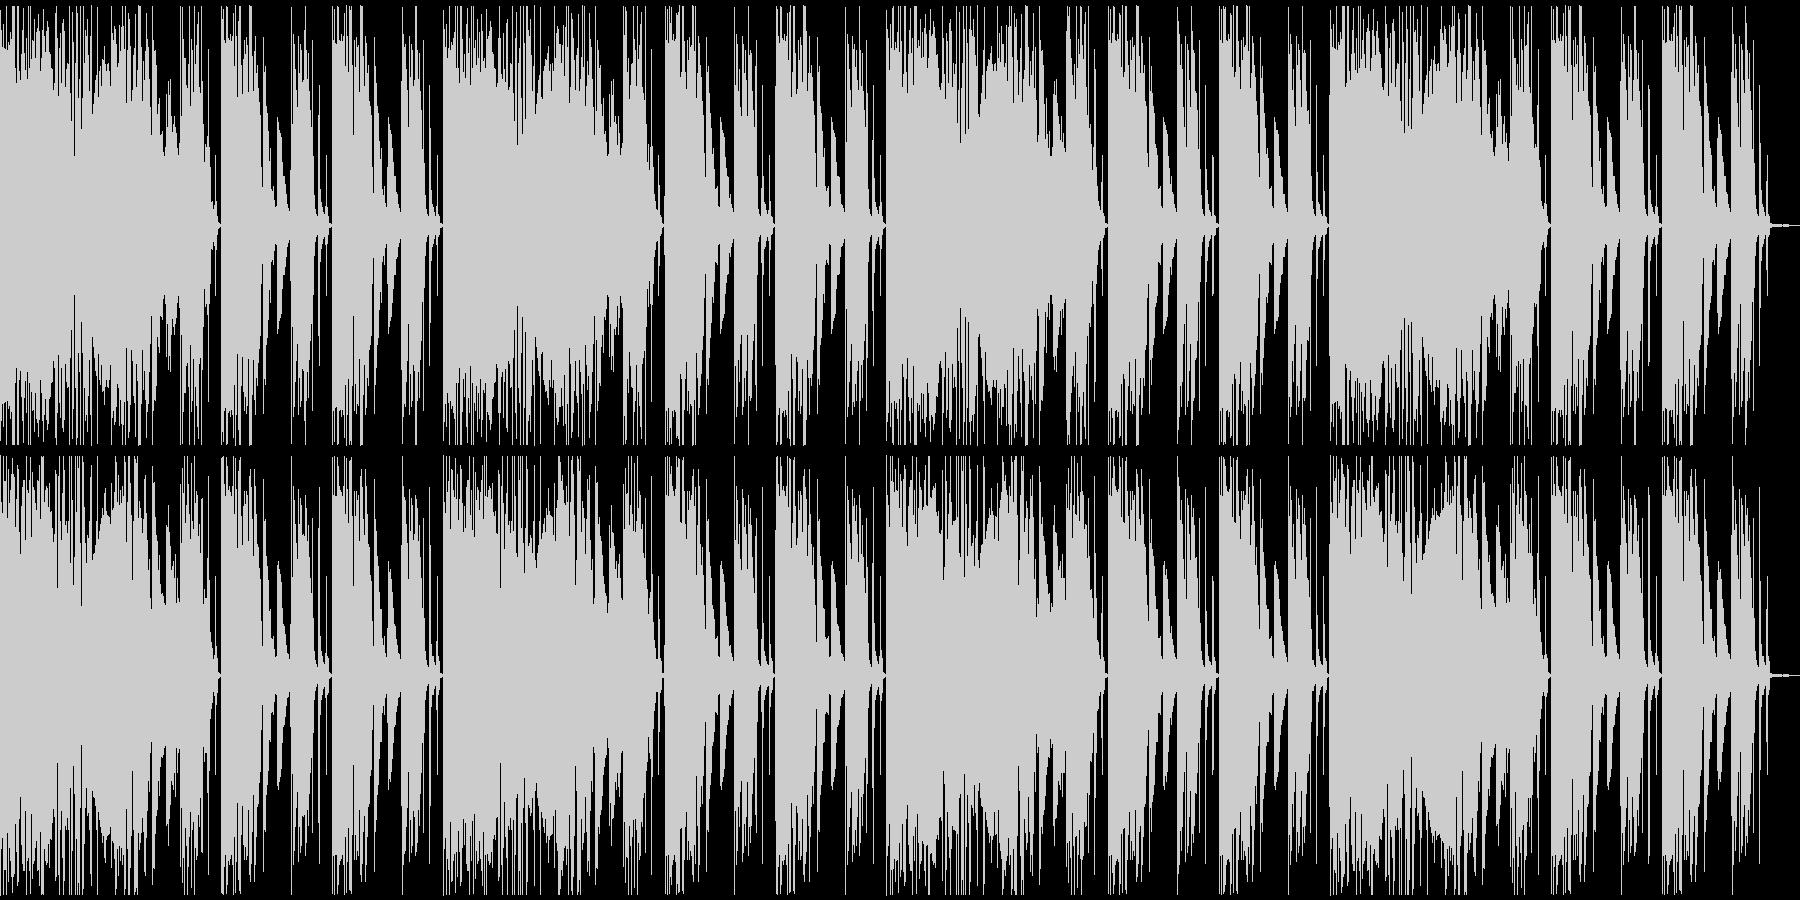 【エレクトロニカ】ロング4、ミディアム2の未再生の波形